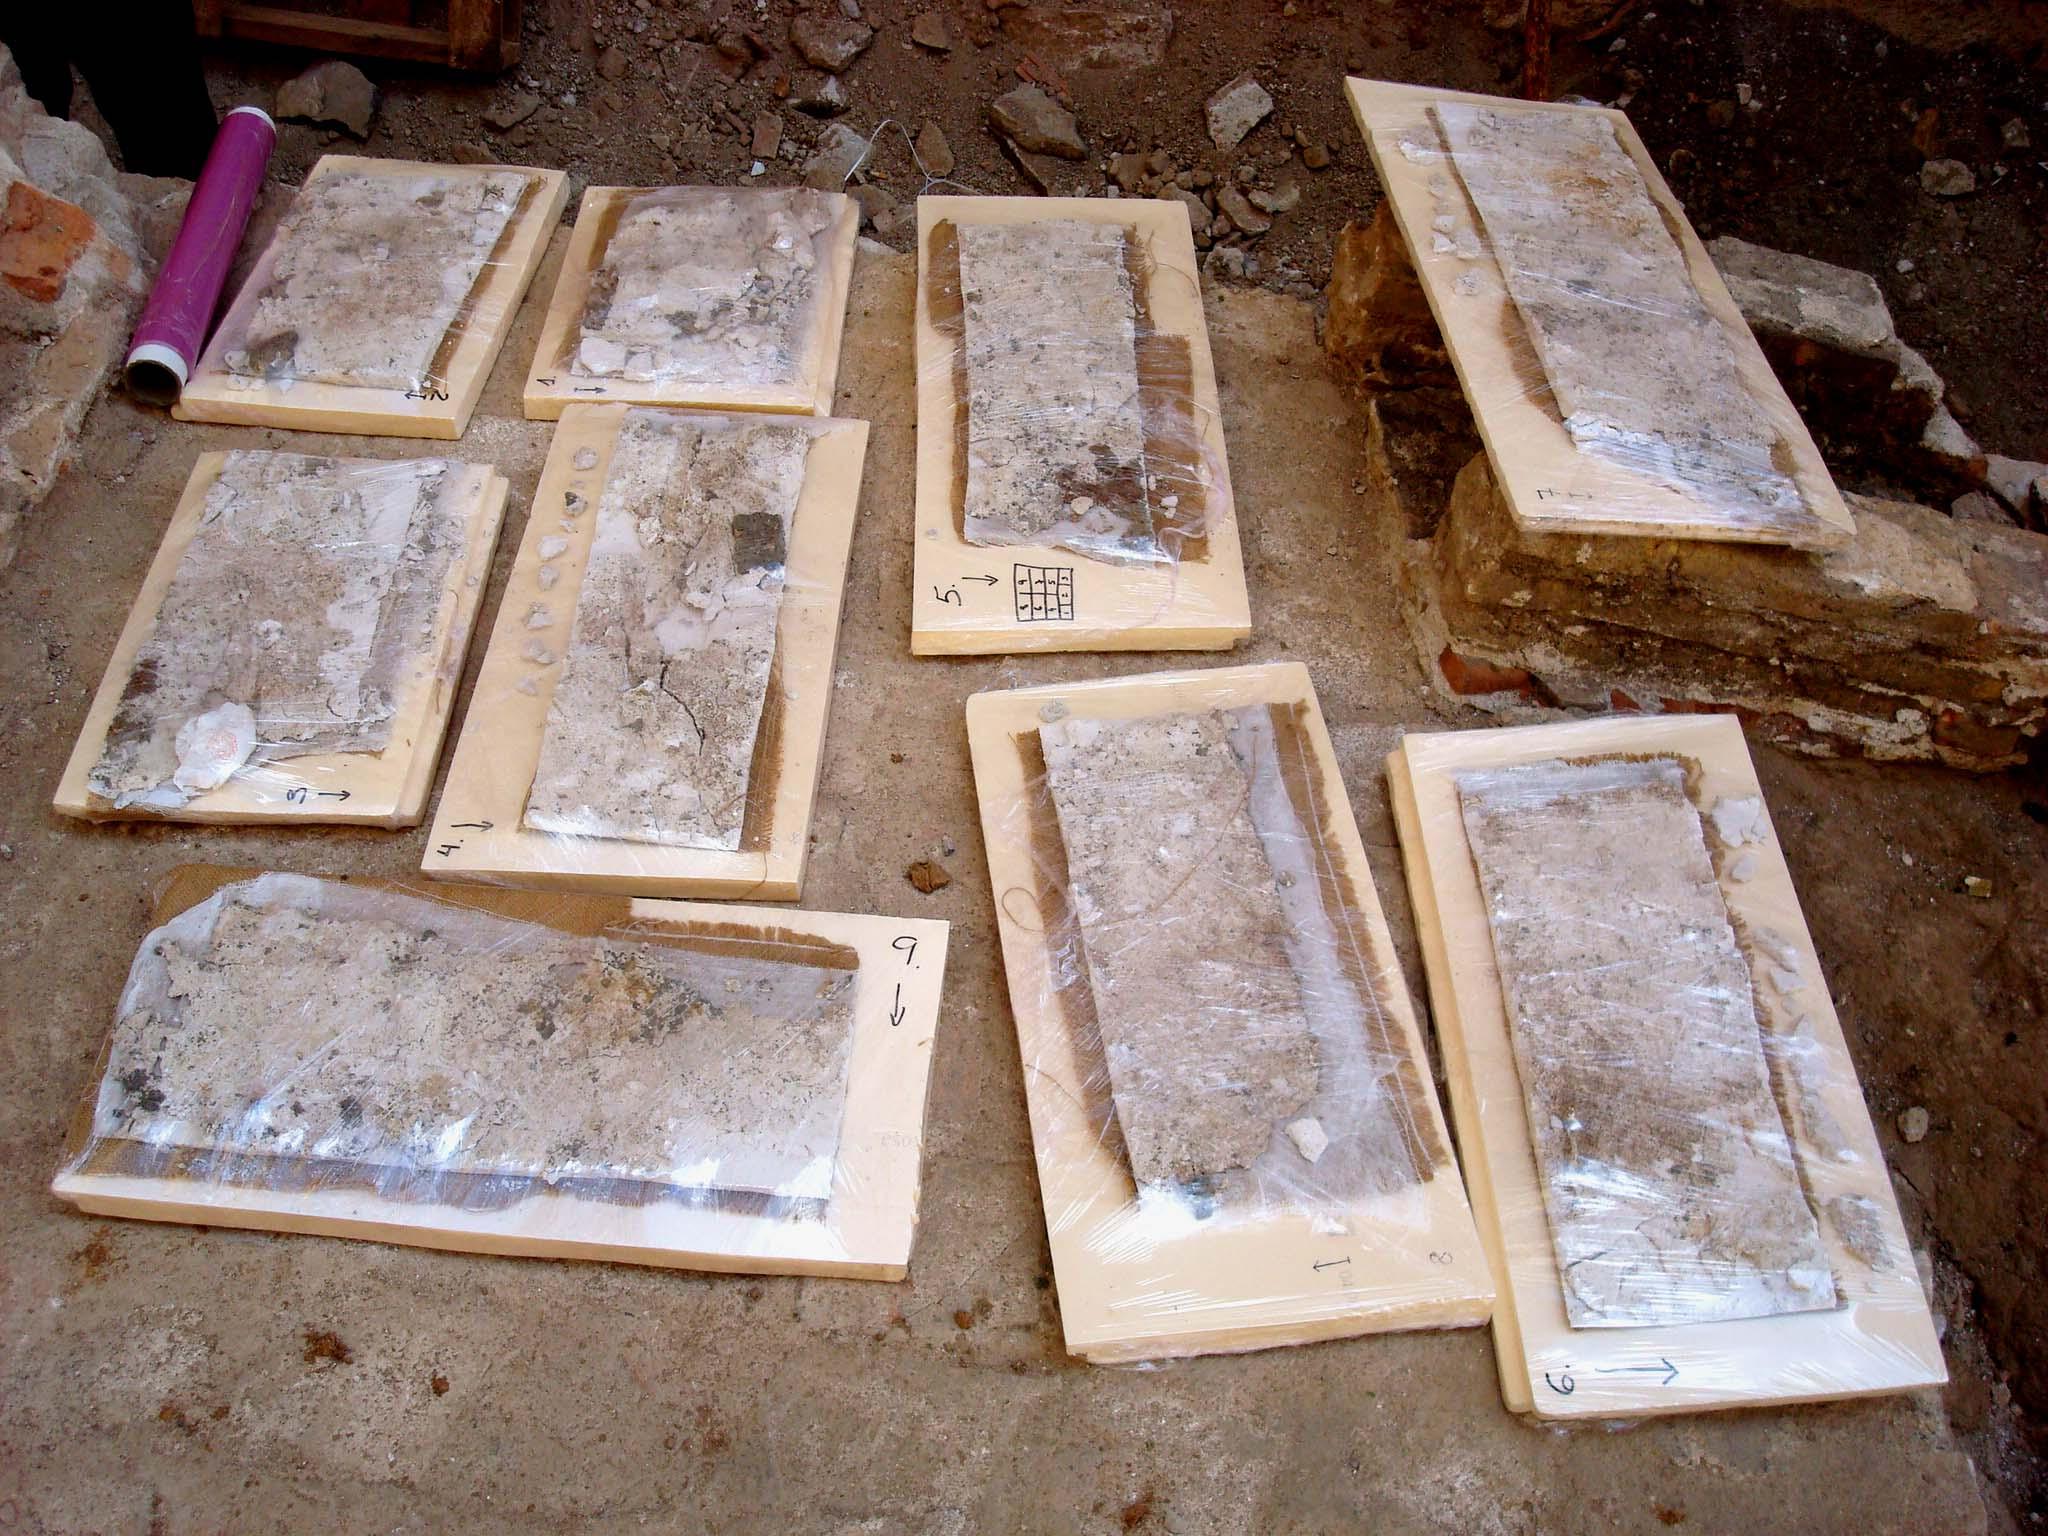 Cartell seccionat i extret del mur (Foto ÀBAC Conservació-Restauració S.L.)